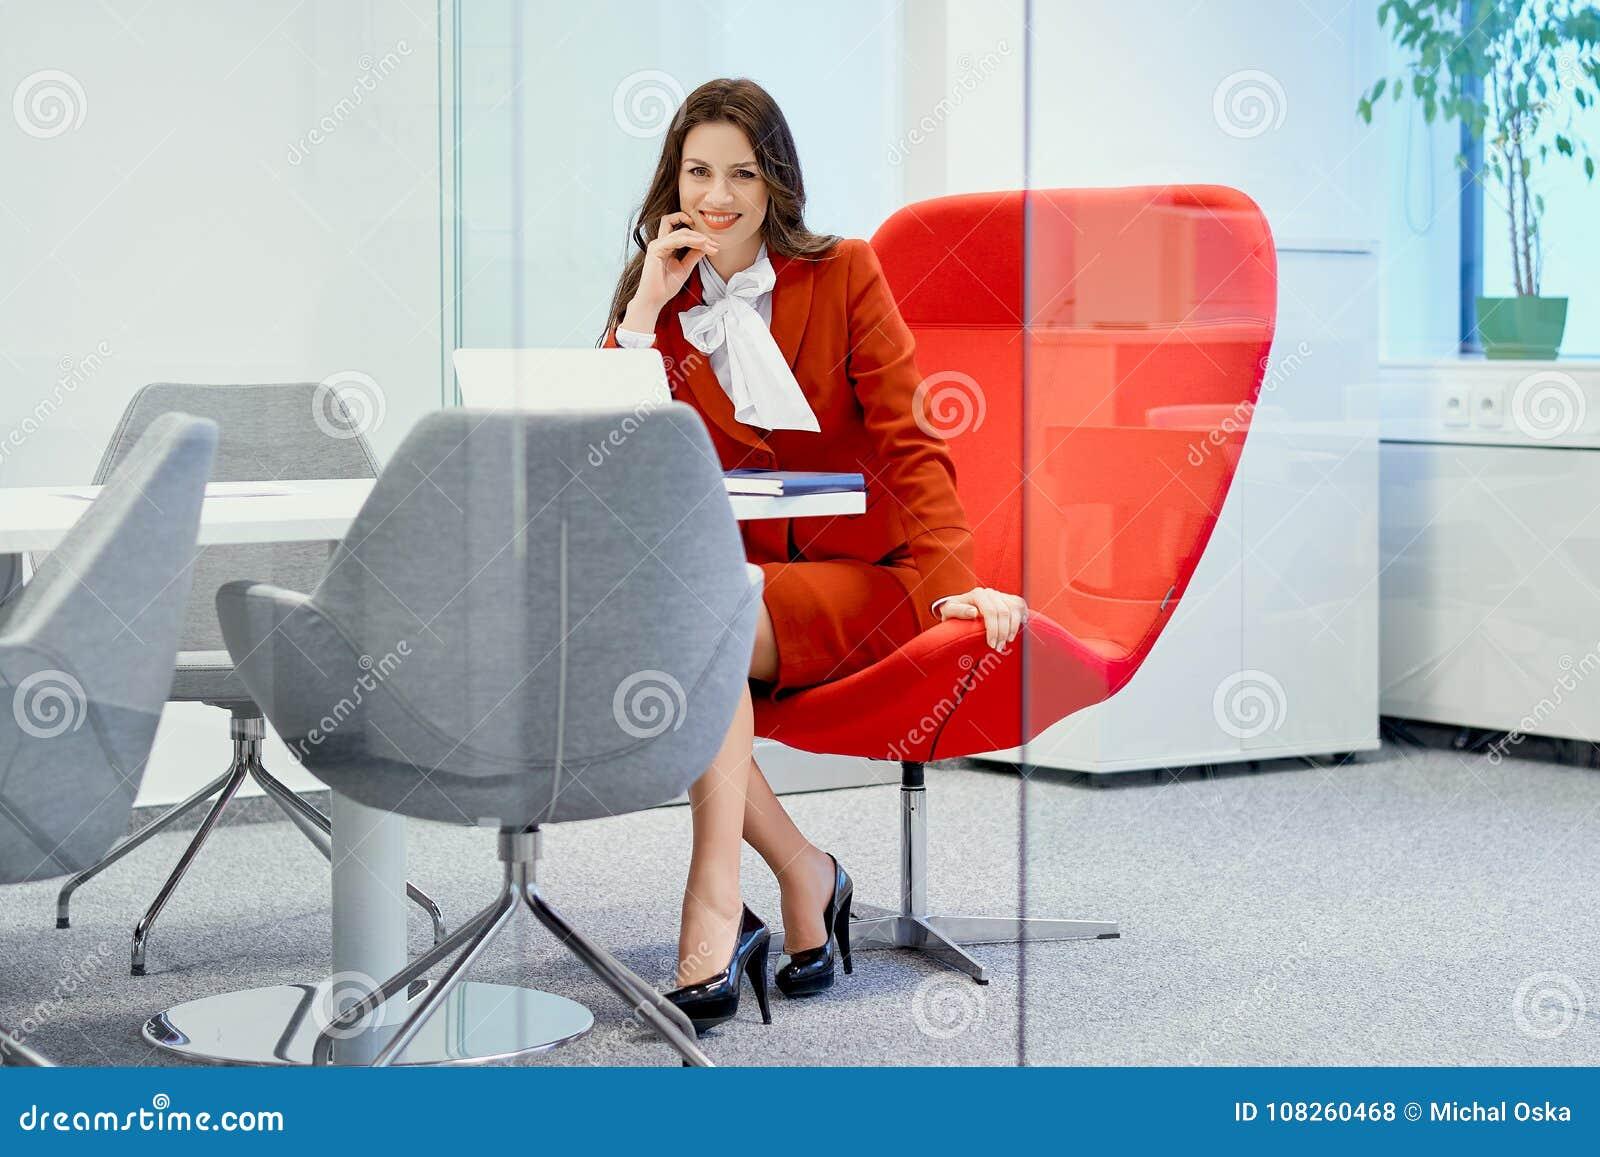 Bizneswoman ono uśmiecha się i siedzi na czerwonym krześle w szklanym biurze